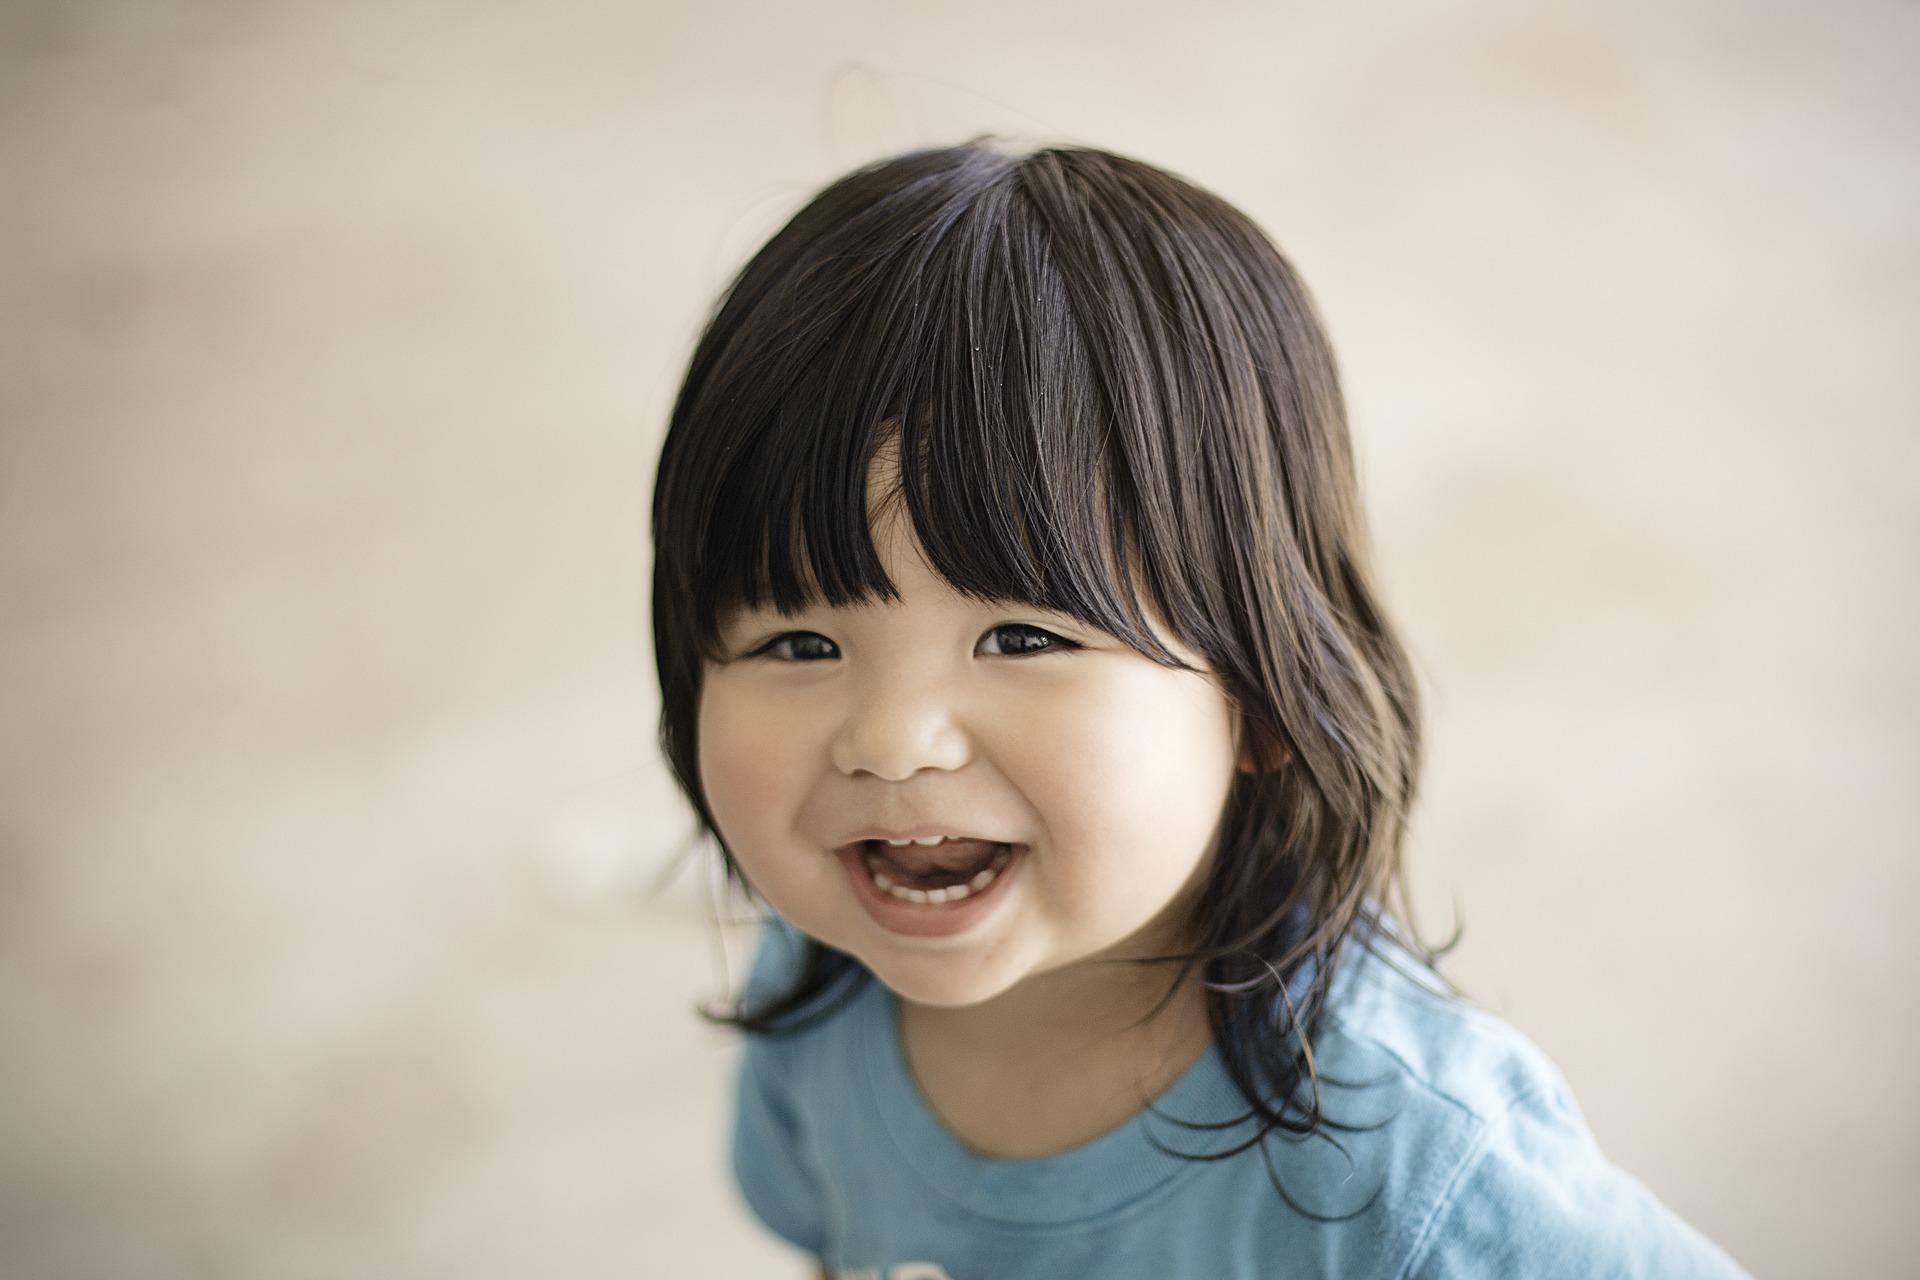 child-2553539_1920